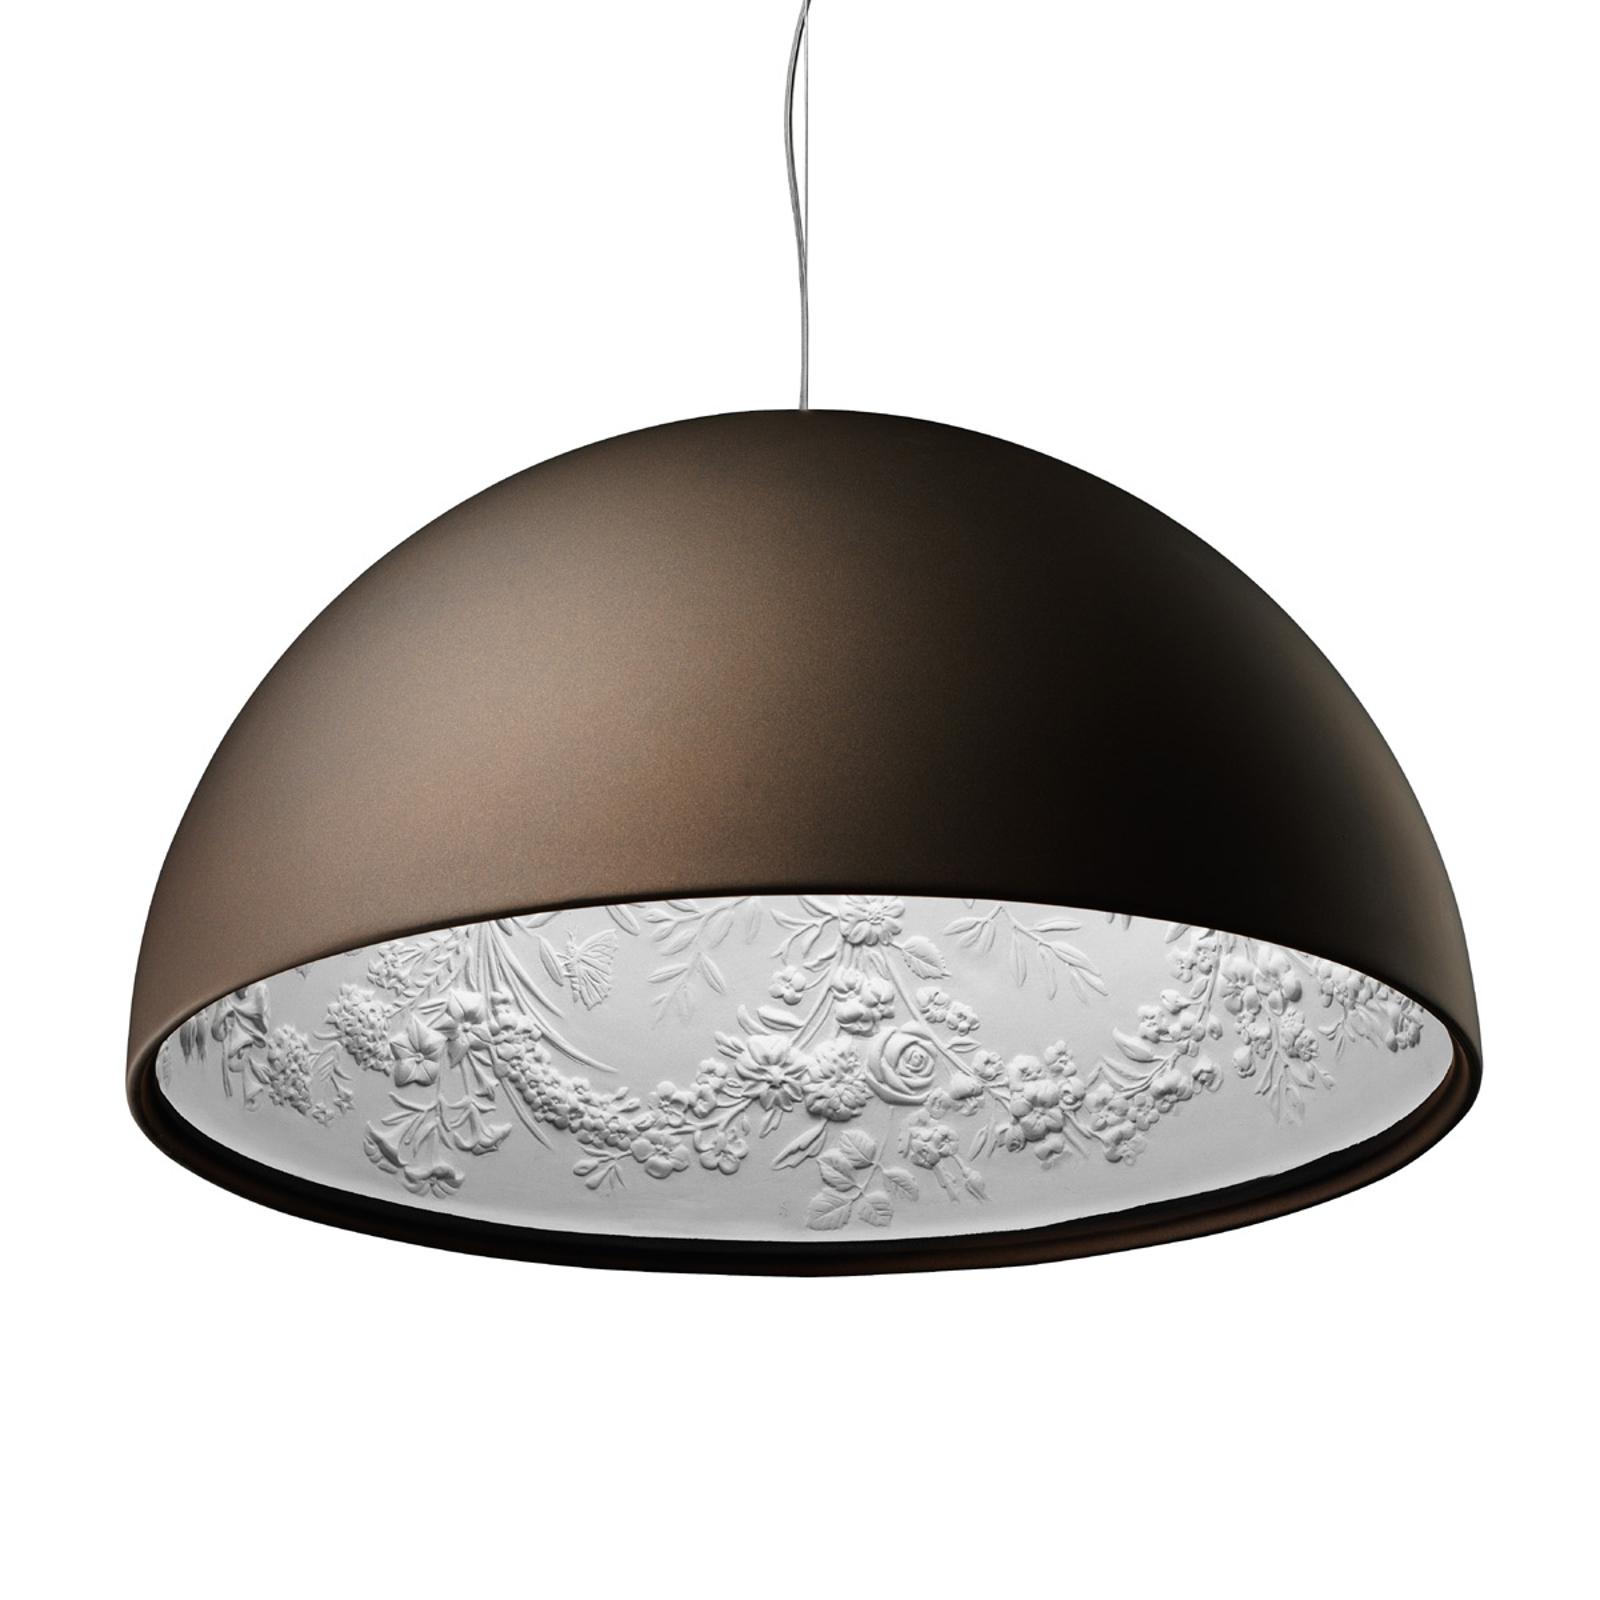 FLOS Skygarden 1 hanging light, brown_3510009_1